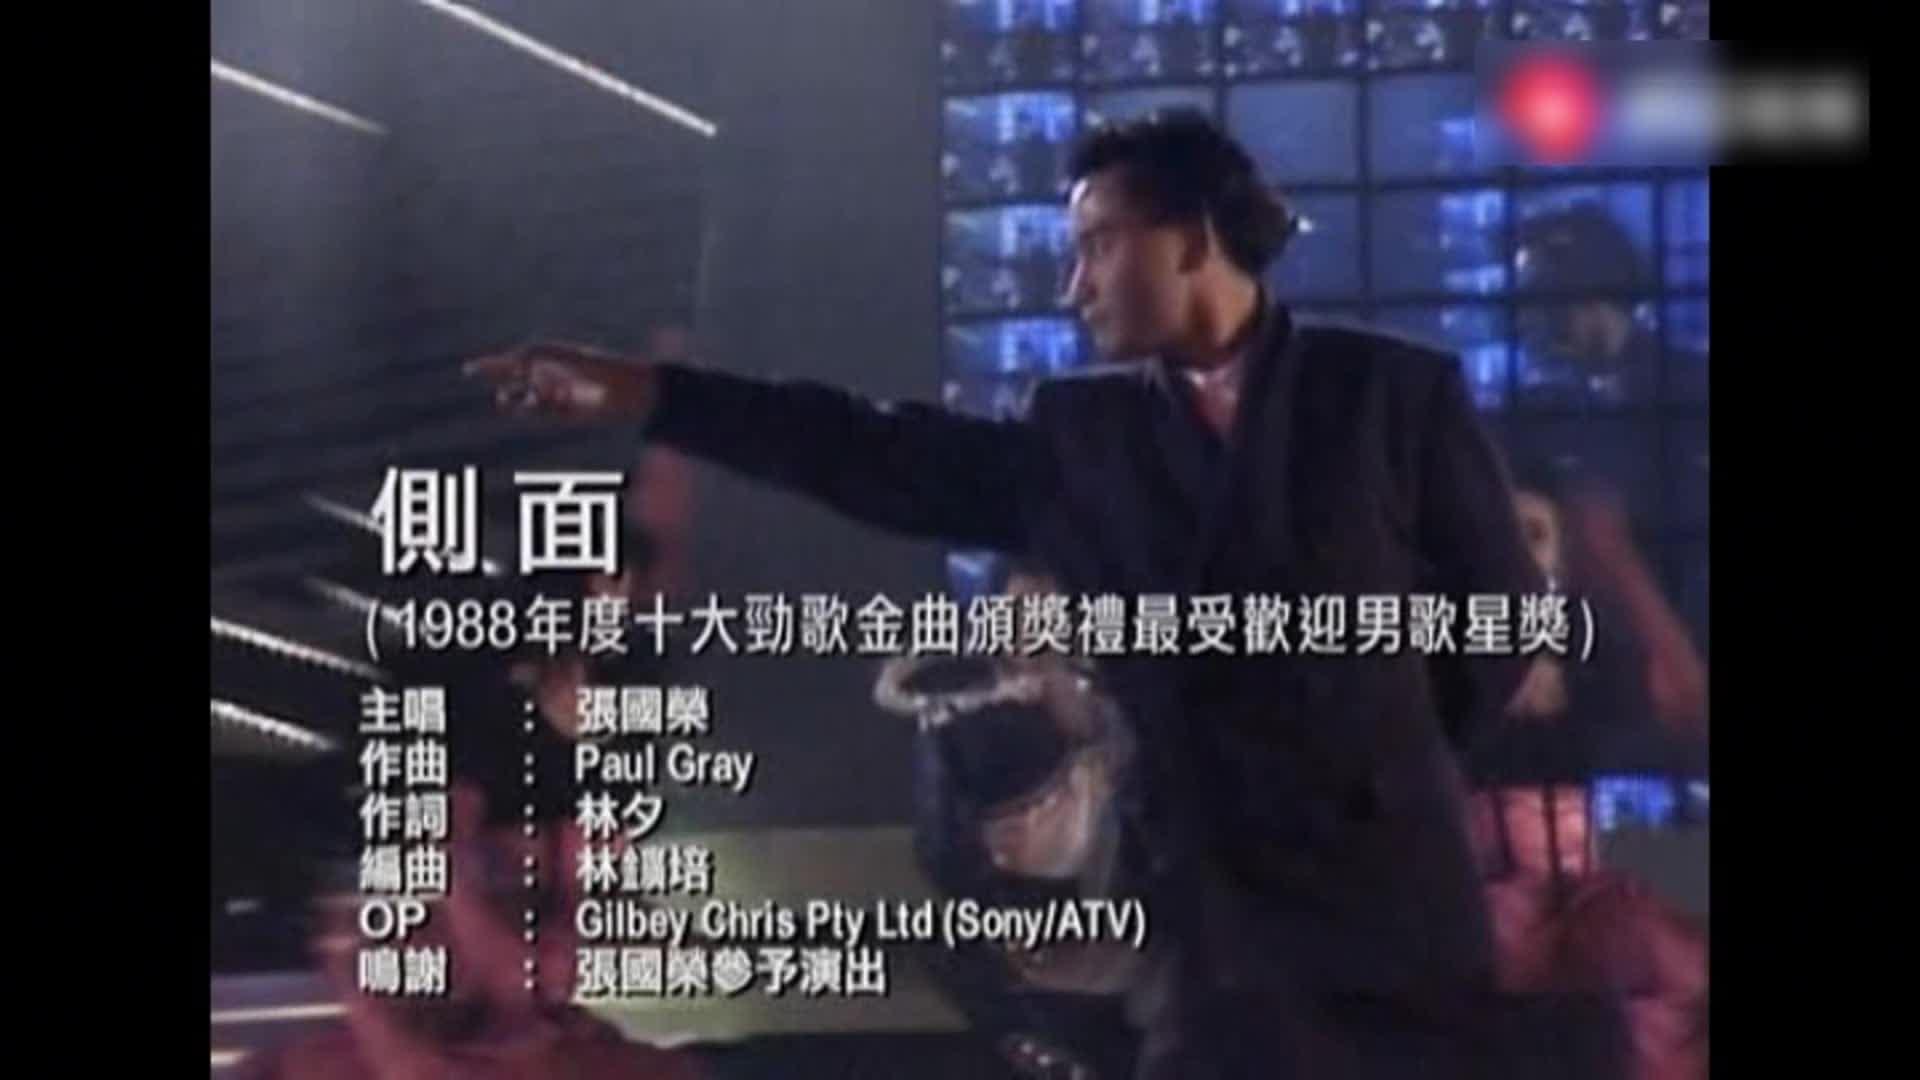 哥哥张国荣1988年最佳十大劲歌金曲颁奖礼最受欢迎男歌星奖中字